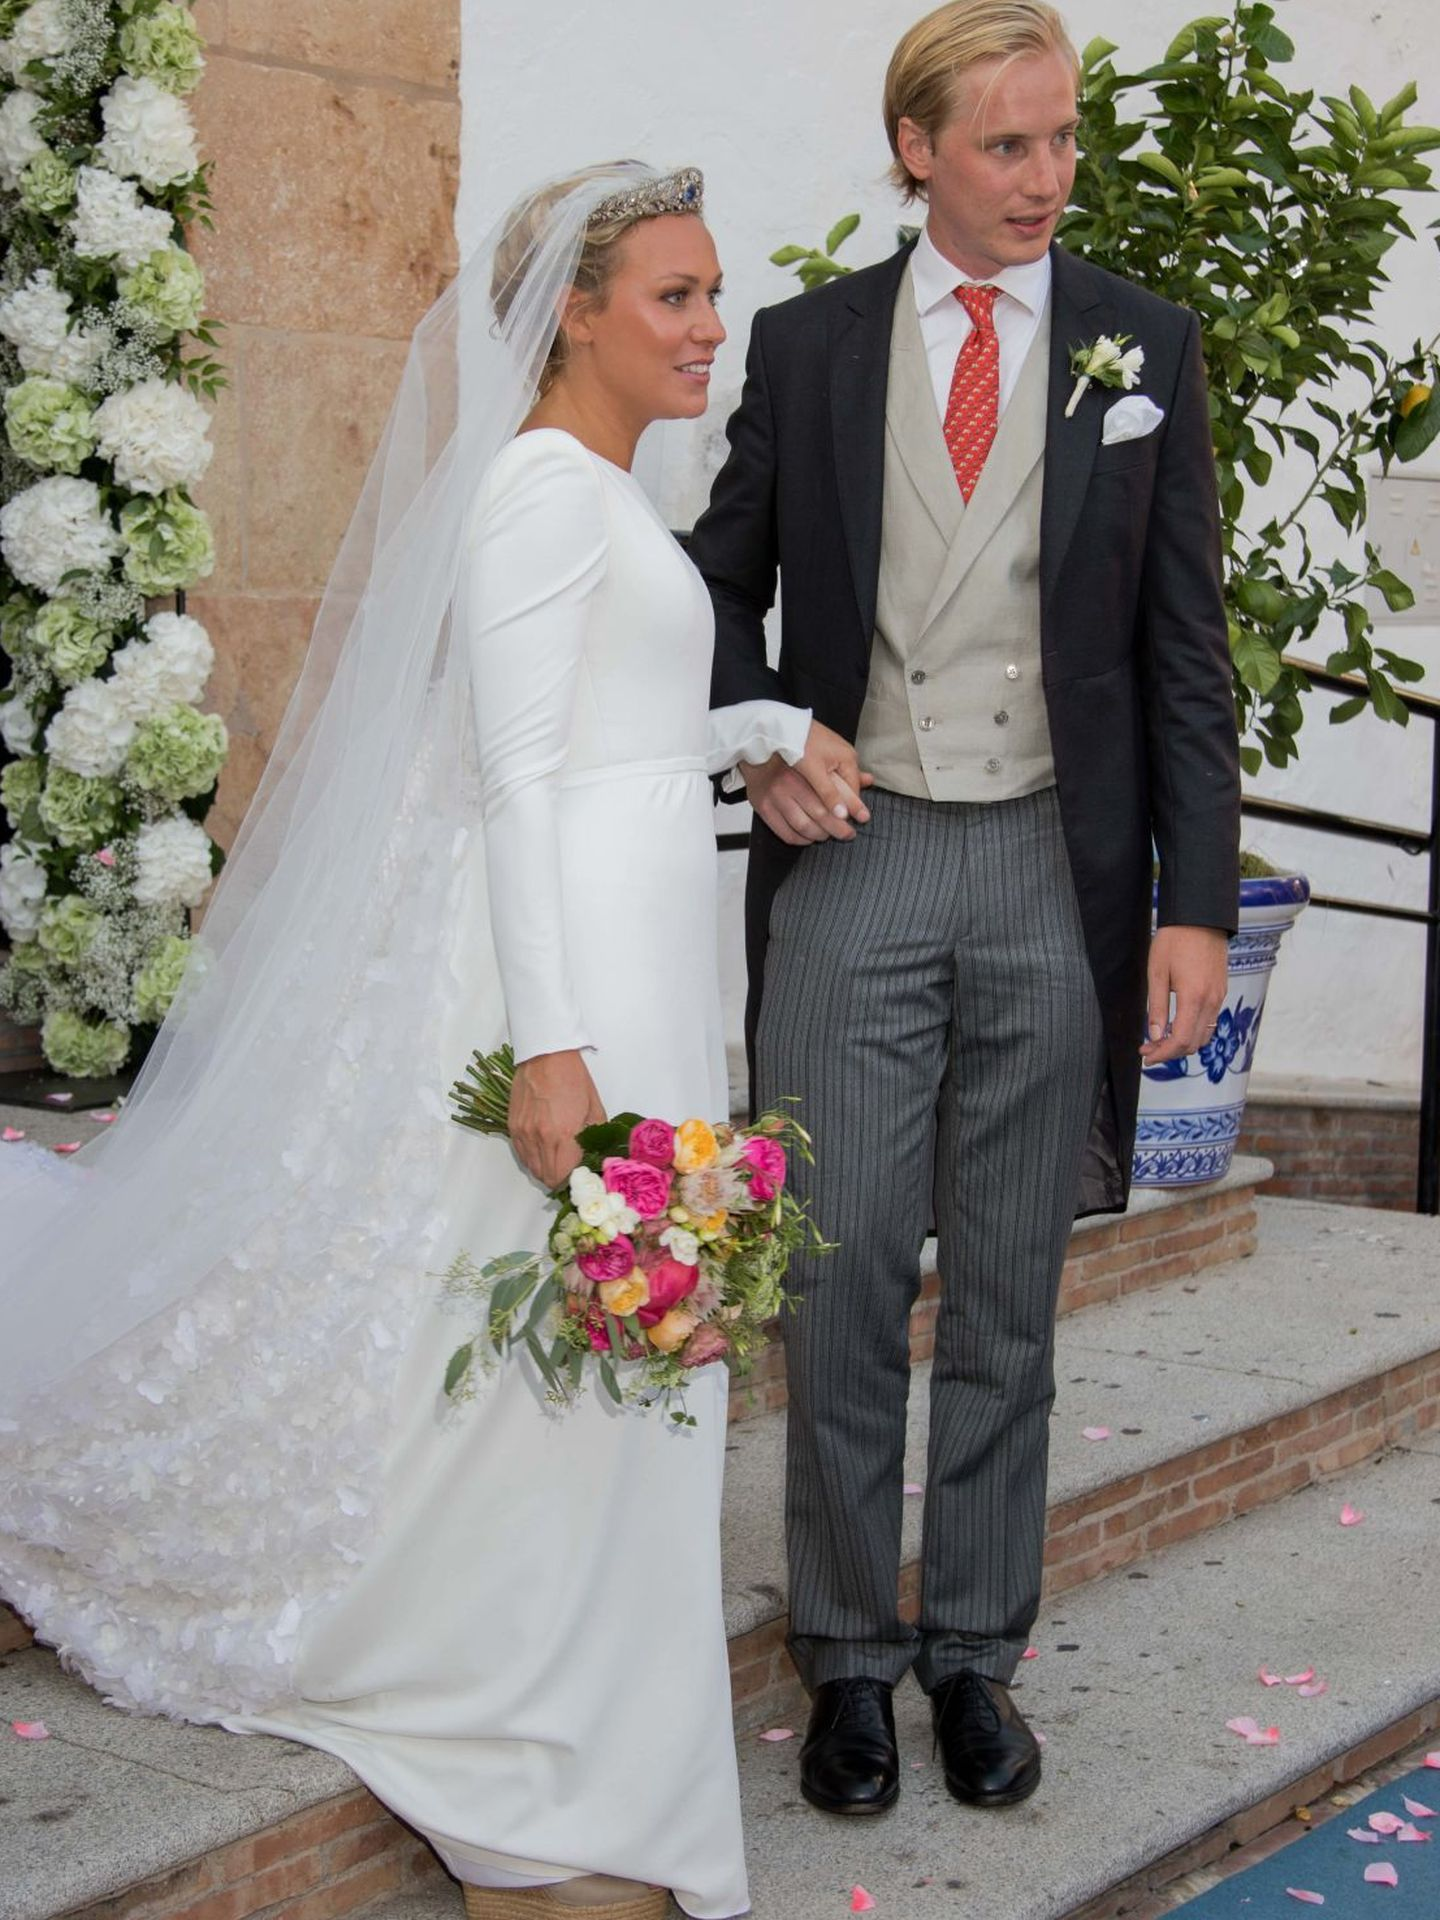 La boda de la hermana de Constantin en Marbella. (CP)